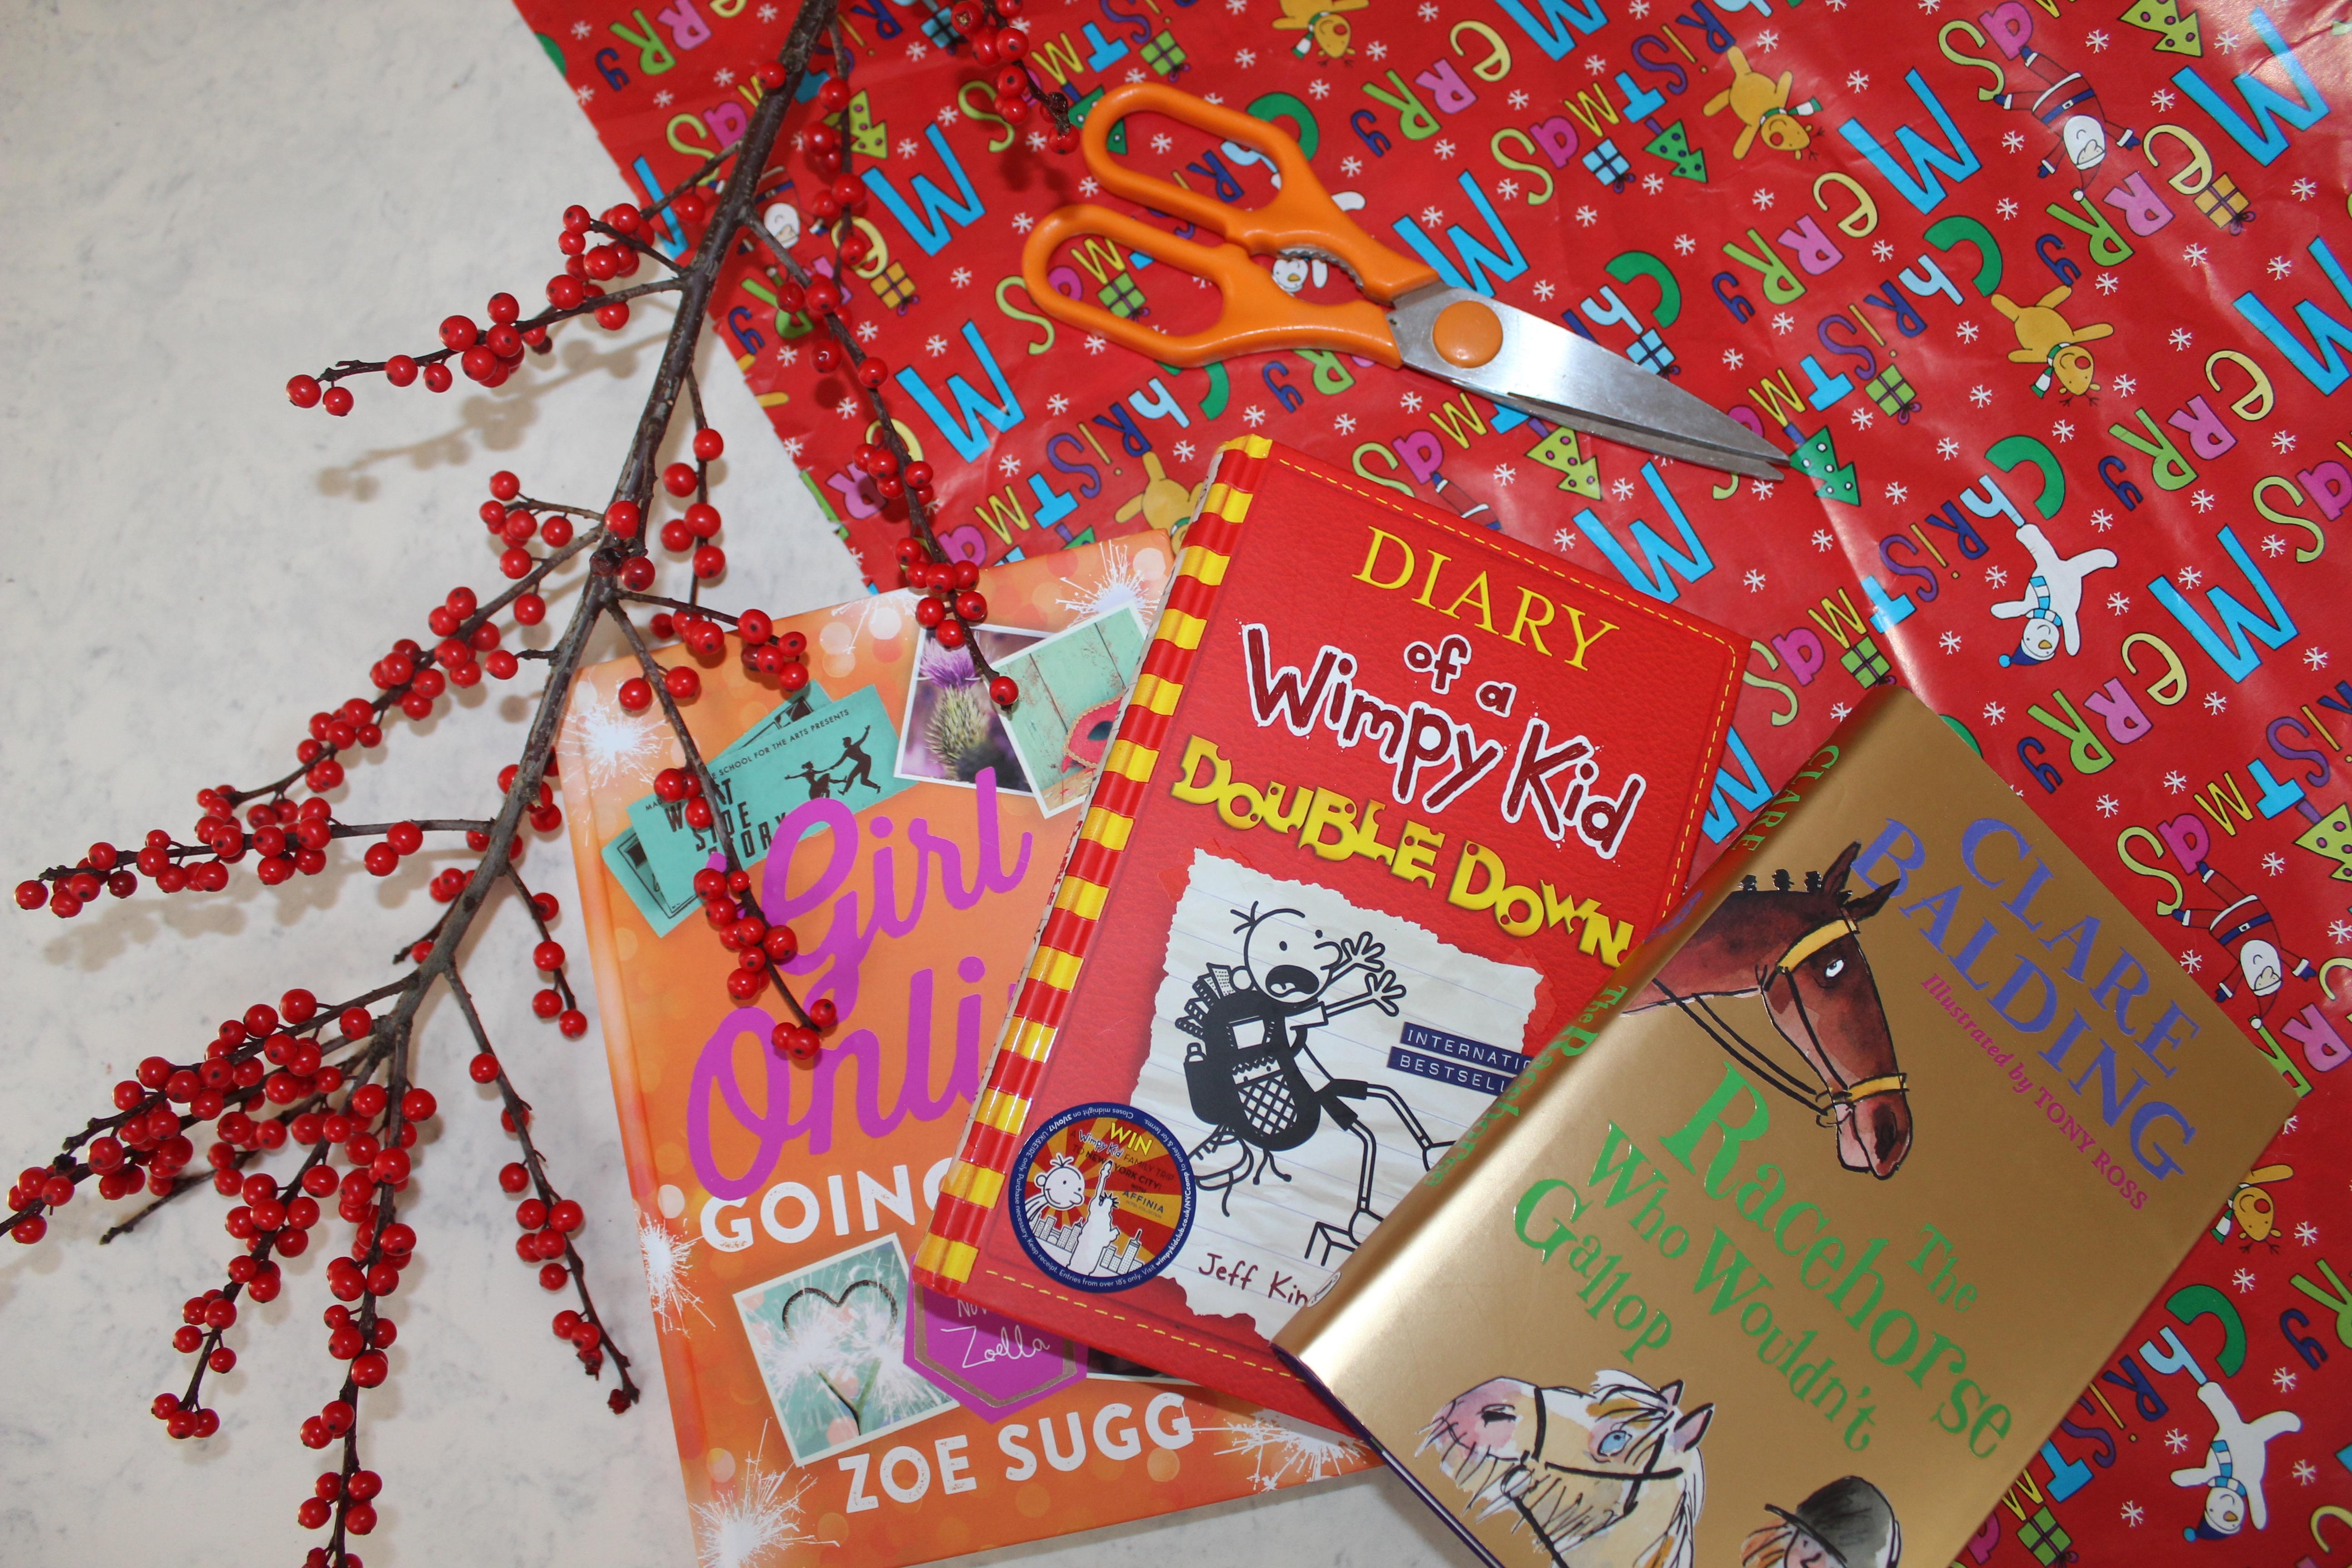 #storiesforlife, stories for life, puffin books, penguin random house children's, girl online,